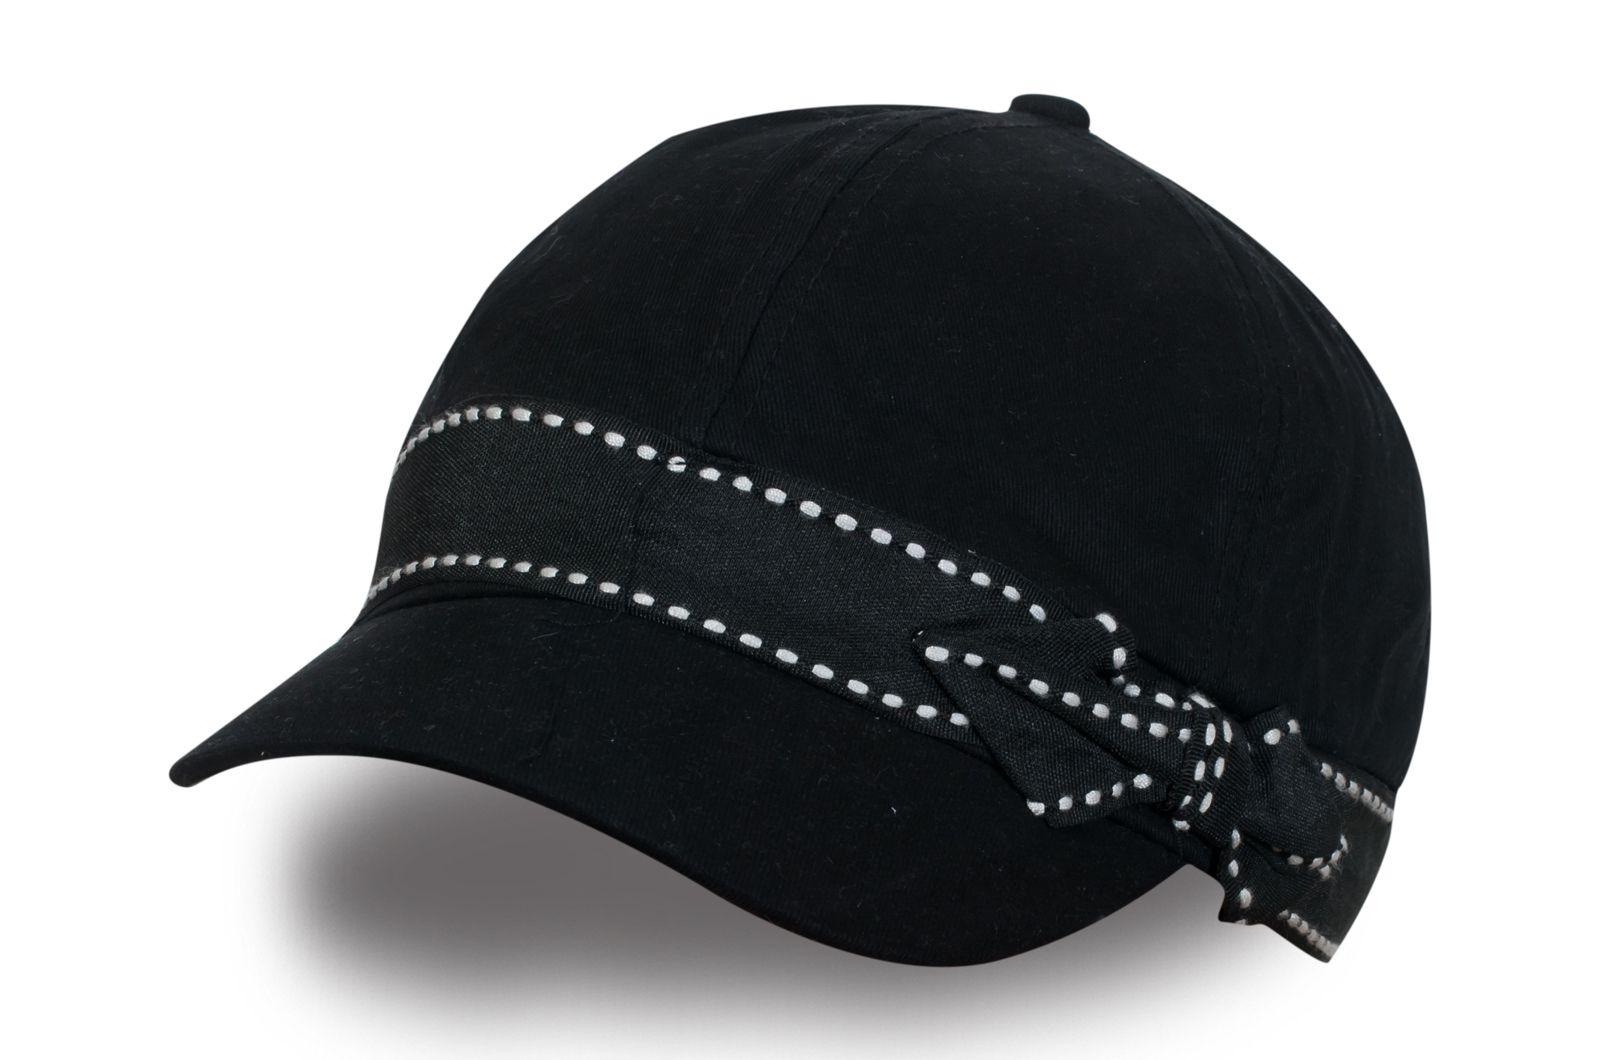 Женская кепка немка - купить в интернет-магазине с доставкой